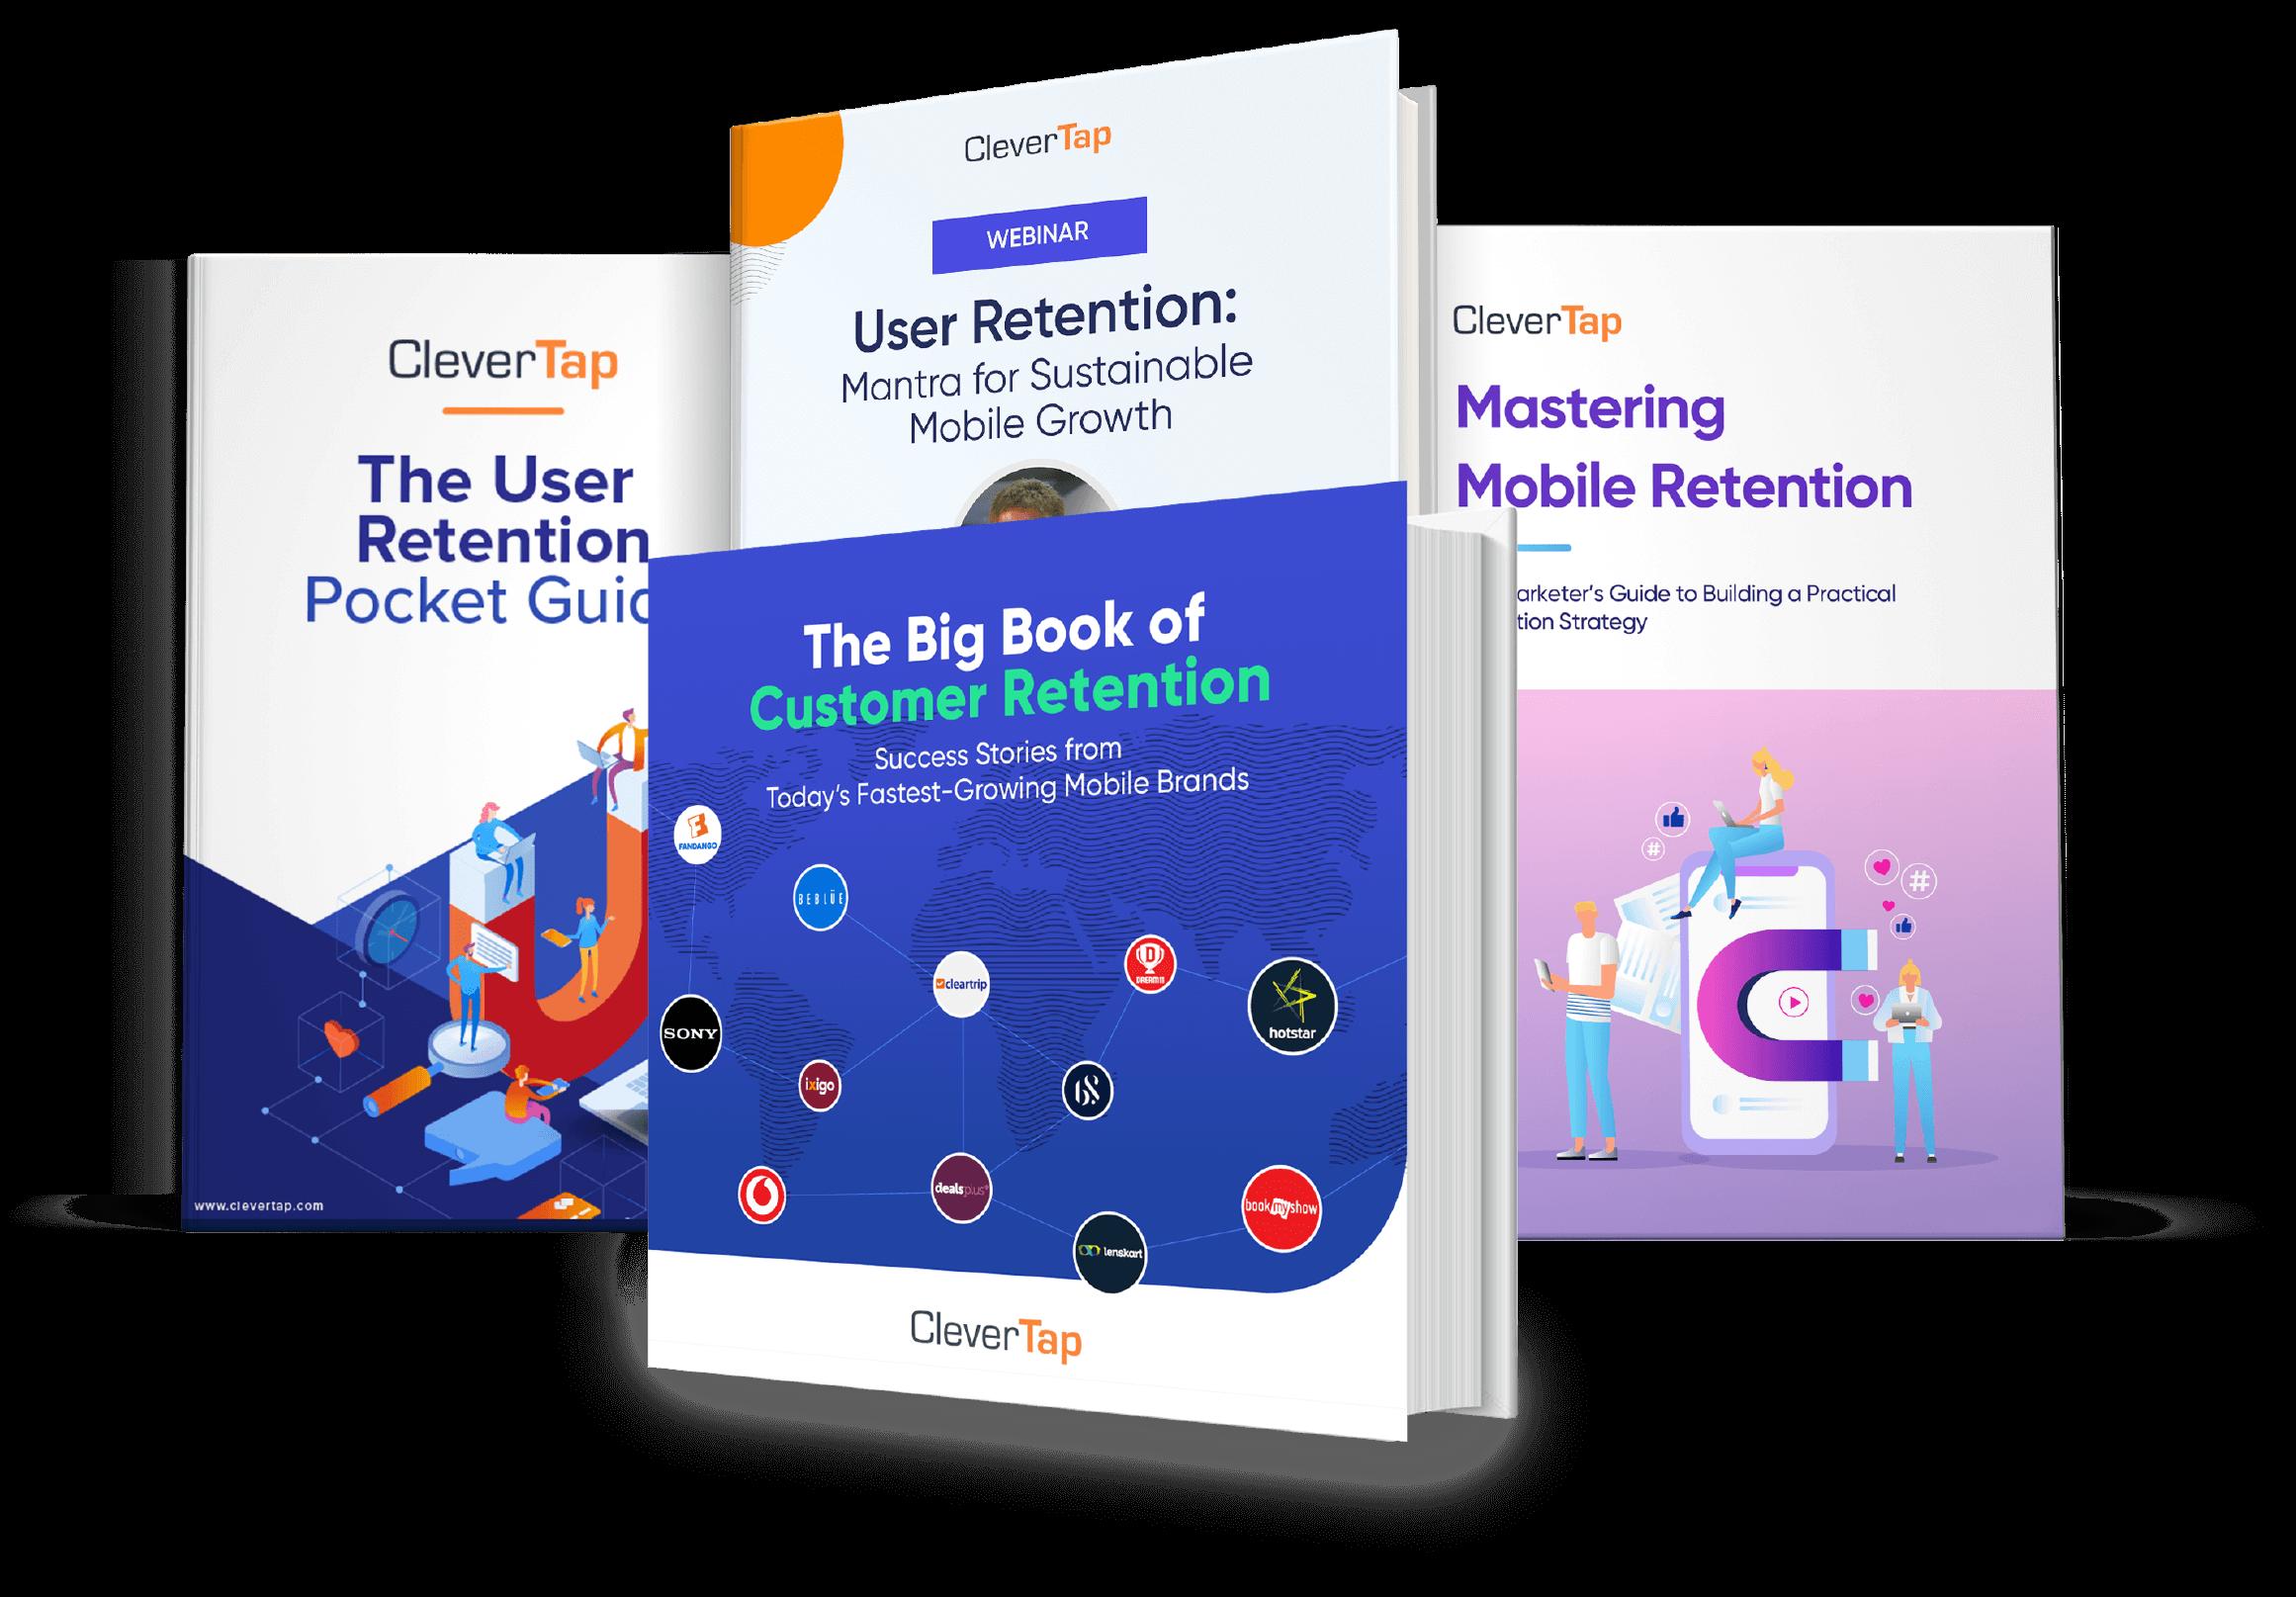 User Retention Kit